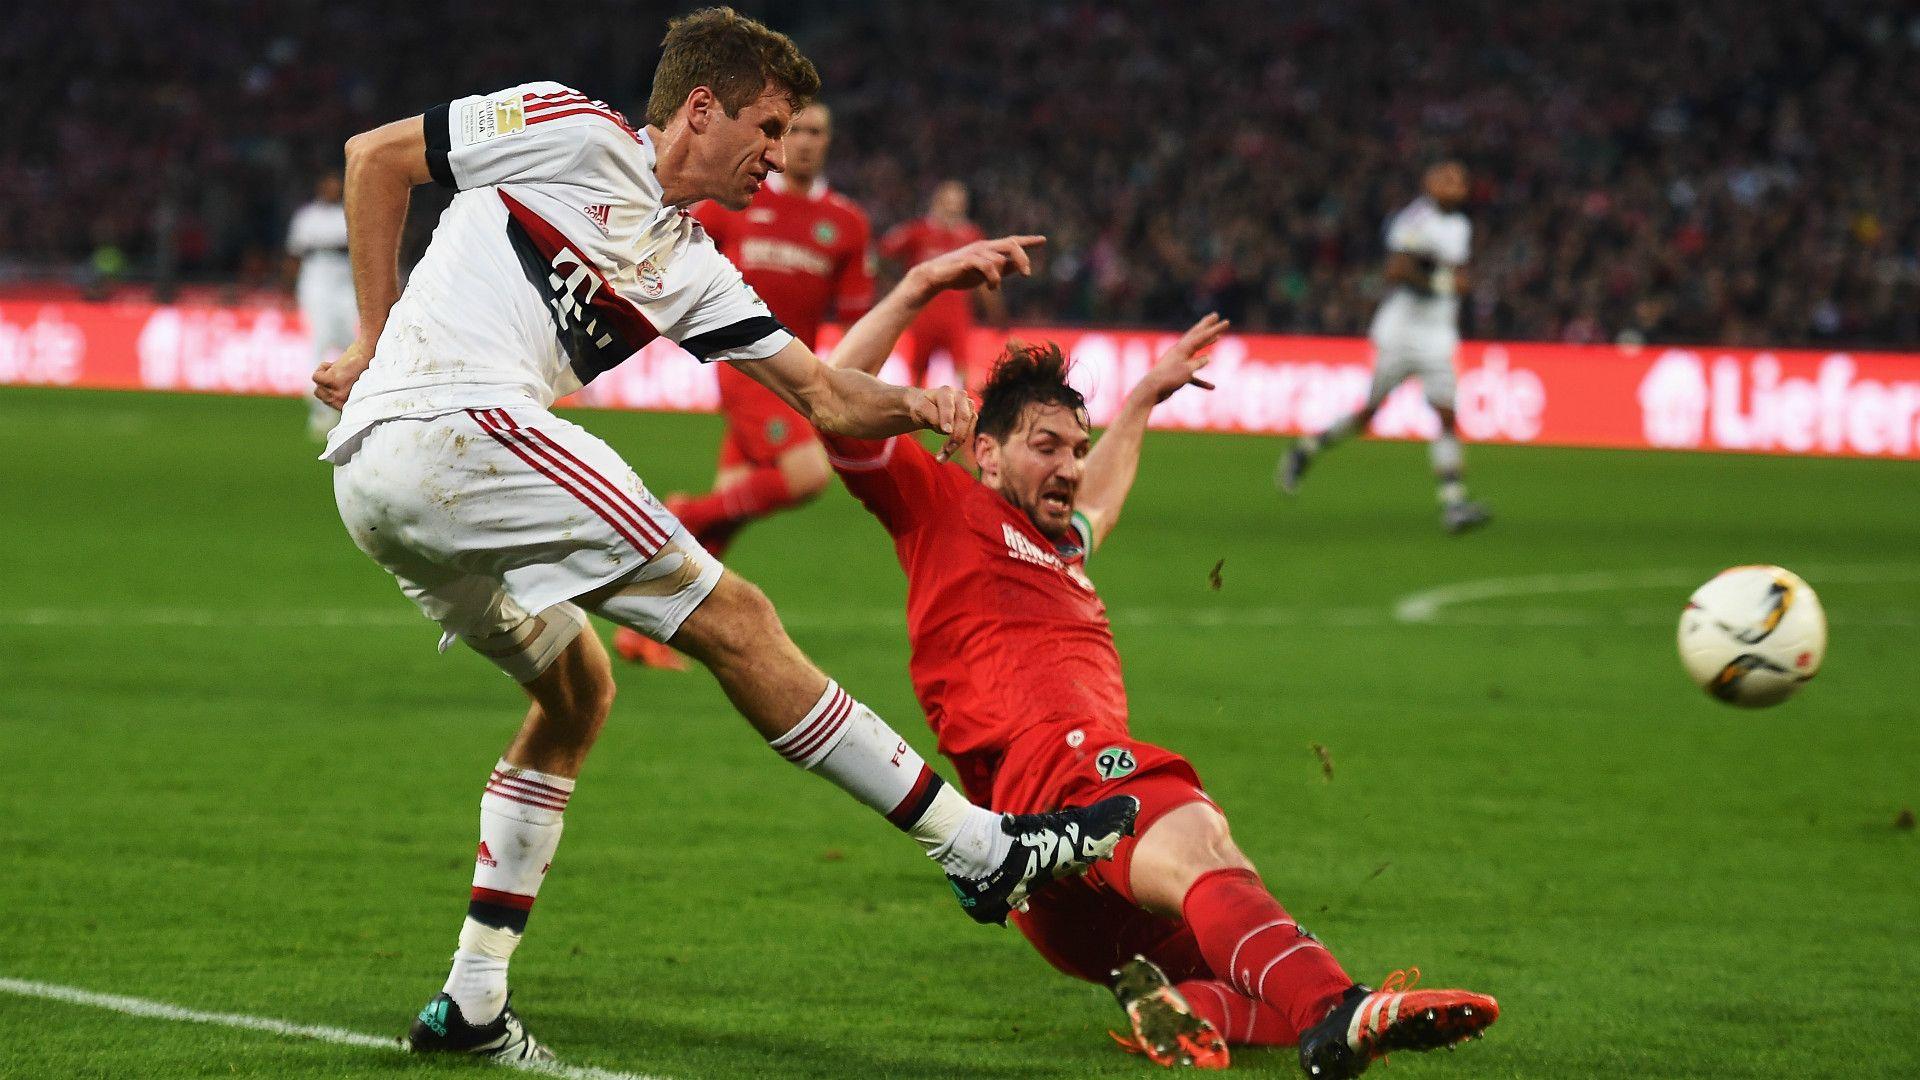 @Bayern baut gegen Hannover 96 die Tabellenführung aus. Thomas Müller bescherten dem FC Bayern vor 49.000 Zuschauern in der ausverkauften HDI Arena durch einen verwandelten Handelfmeter mit 1x0 in Führung. Es war bereits der 14. Saisontreffer des Nationalspieler, der damit einen persönlichen Rekord aufstellt. Für Hannover war es der sechste Gegentreffer vom Punkt - Ligahöchstwert mit Gladbach #9ine